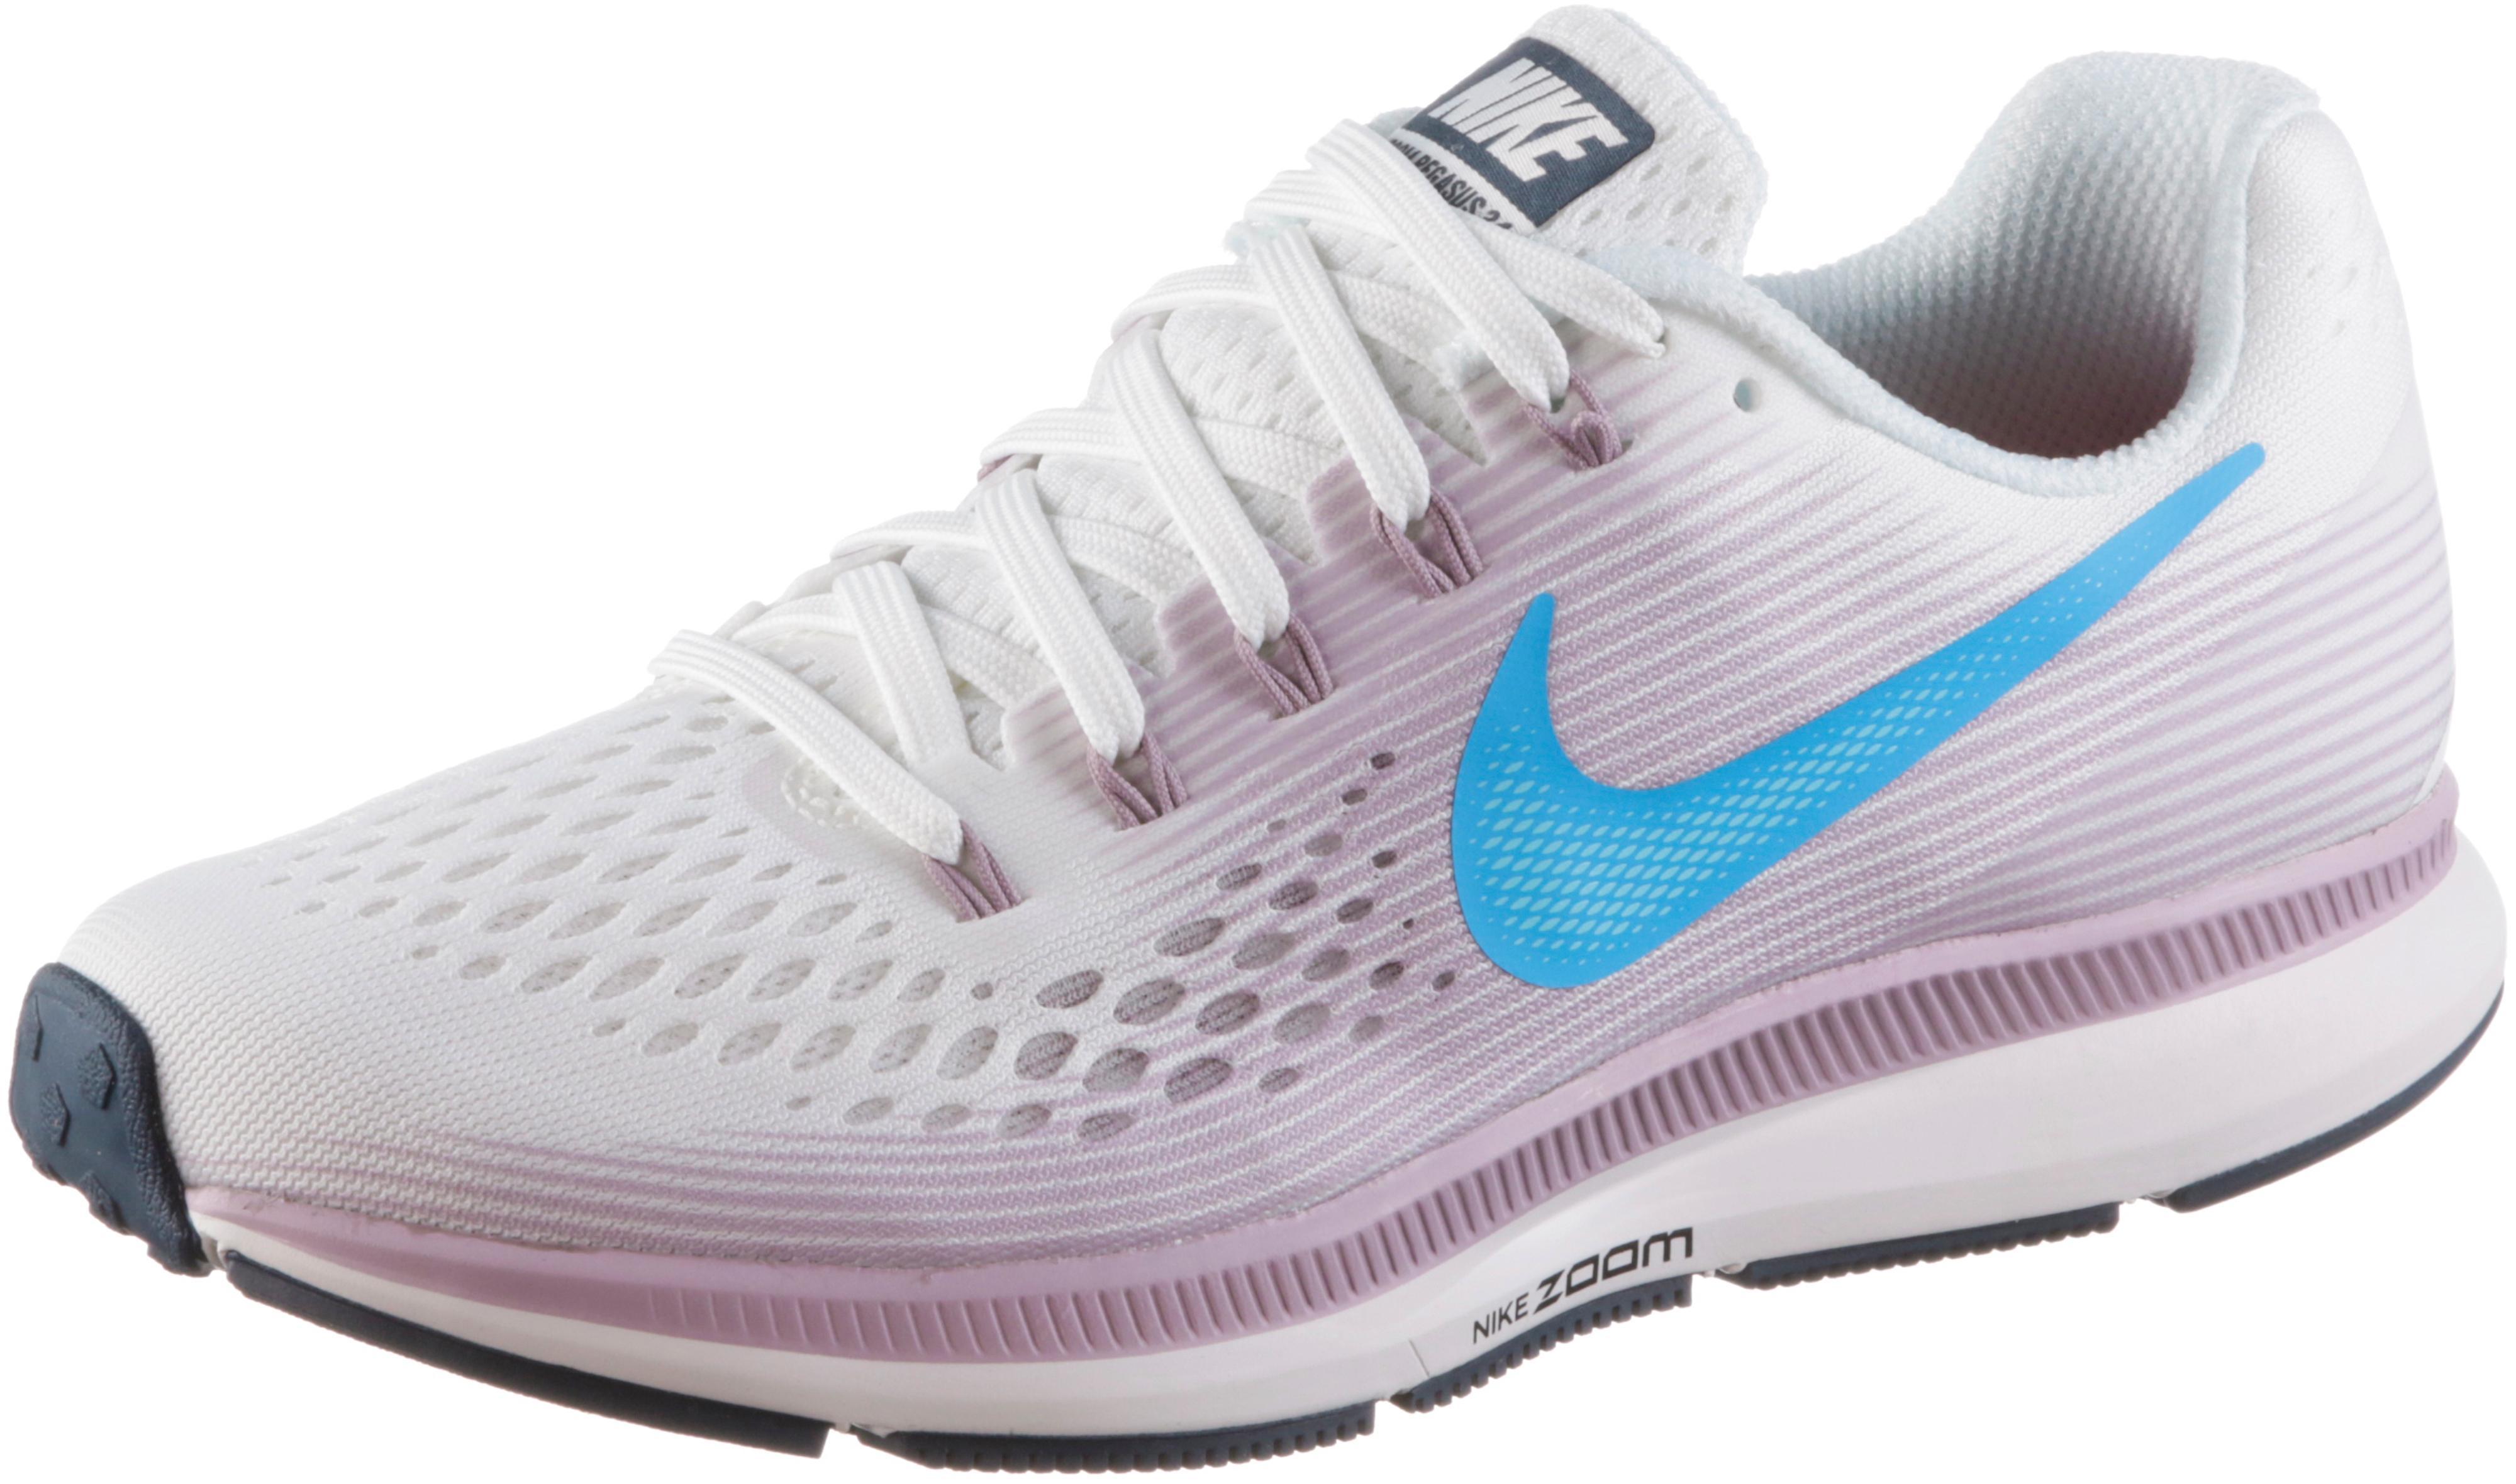 Nike AIR ZOOM PEGASUS 34 Laufschuhe Damen summit white equator blue elem im Online Shop von SportScheck kaufen